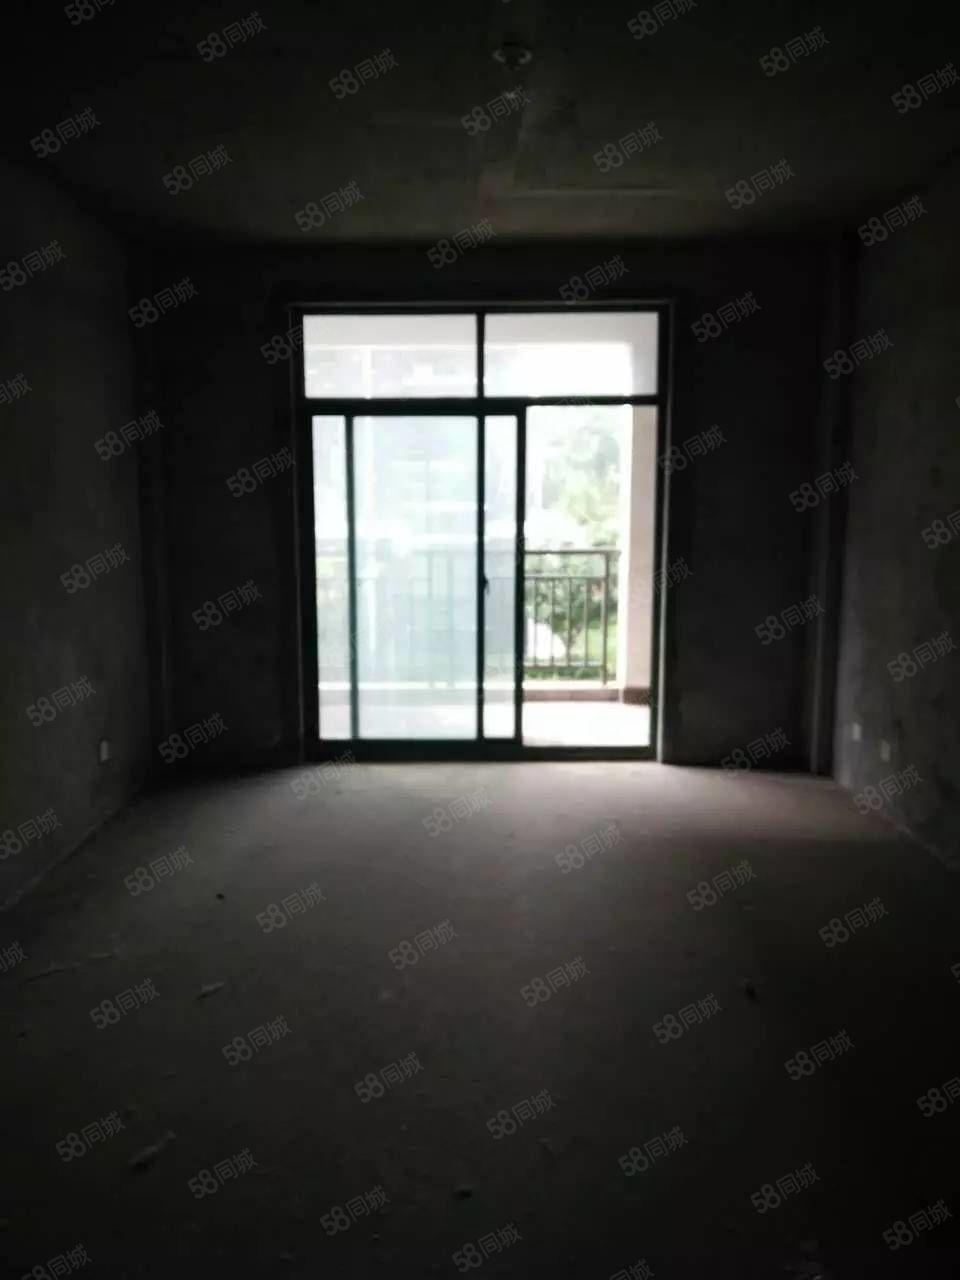 姚李花园商城2间门面房出售,一楼门面房,2楼套房。